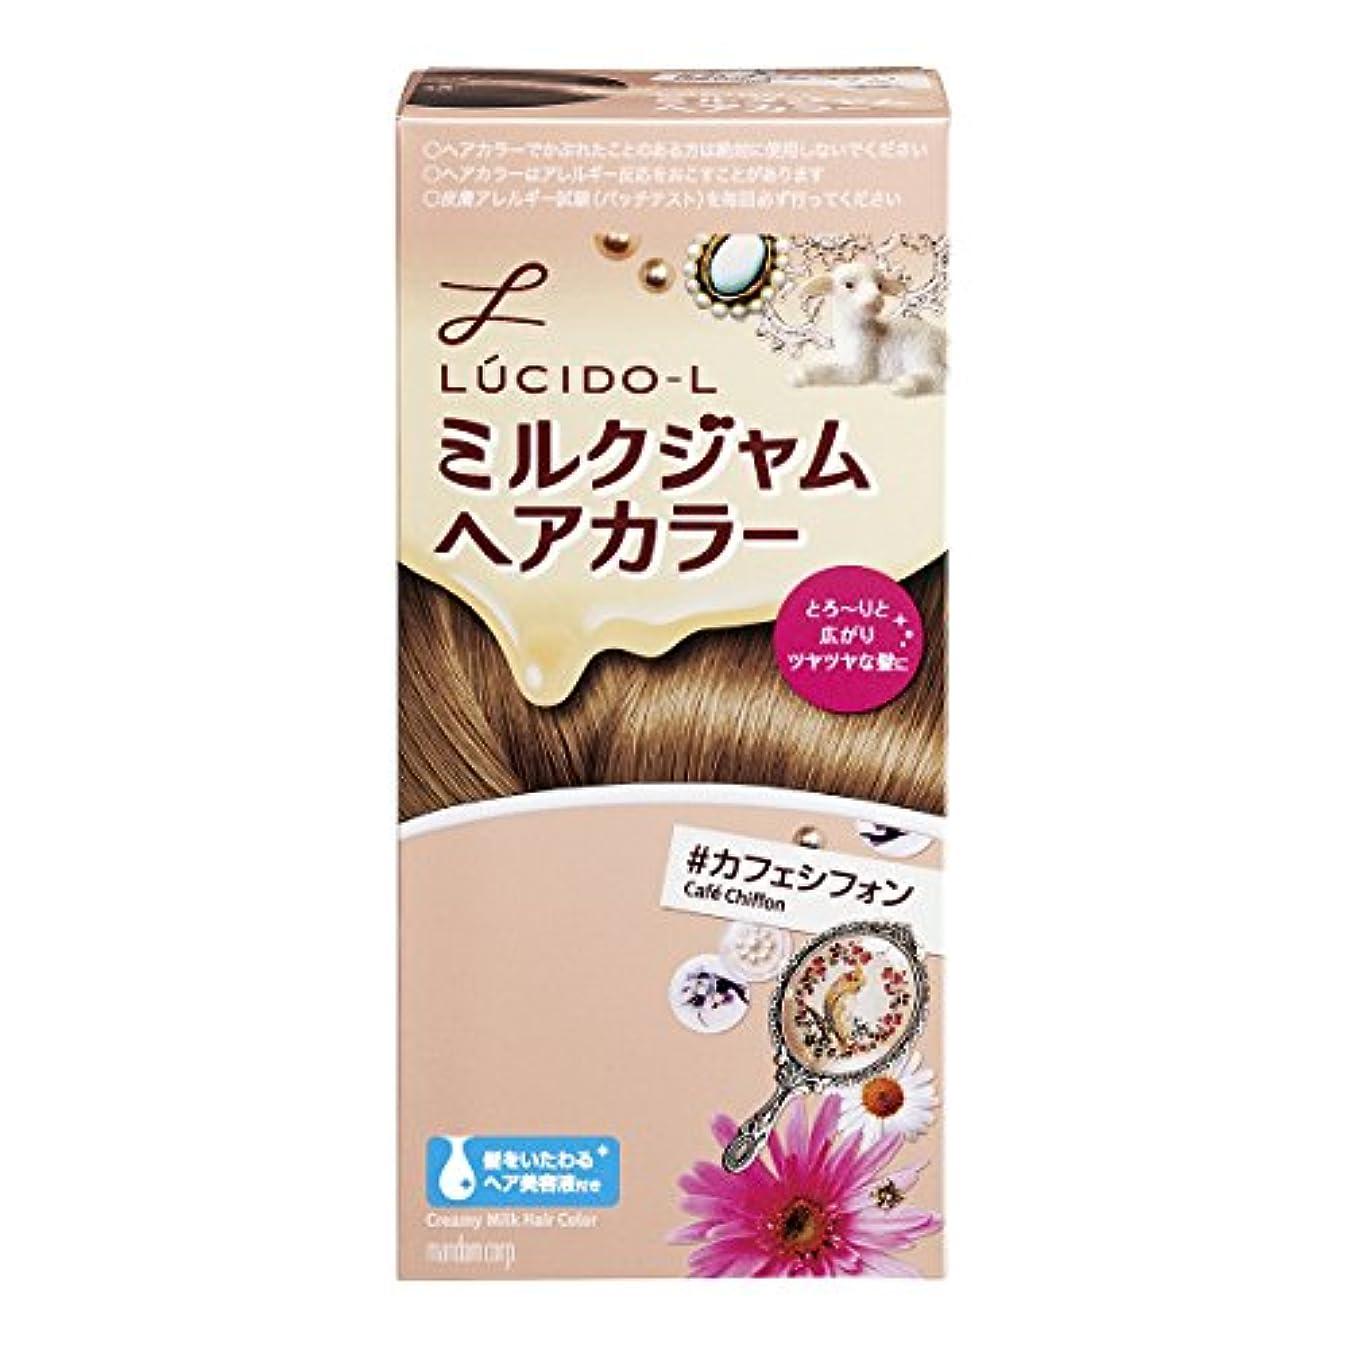 収まる喜劇ヒゲLUCIDO-L (ルシードエル) ミルクジャムヘアカラー #カフェシフォン(医薬部外品) (1剤40g 2剤80mL TR5g)